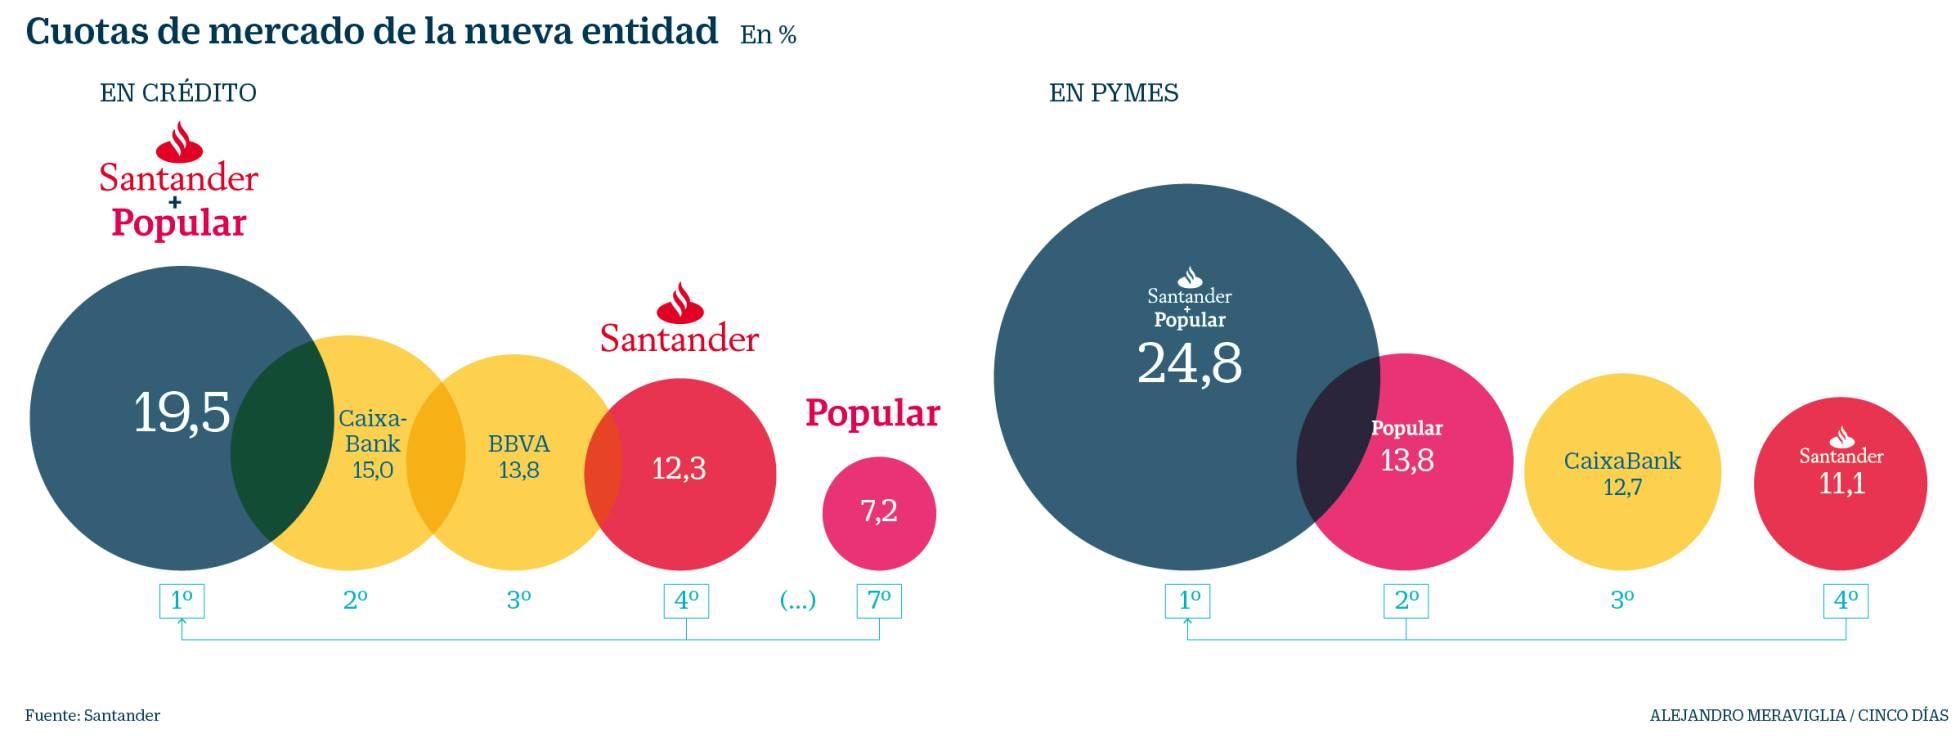 Negocio de la banca en España. El gobierno avala a la banca privada por otros 100.000 millones. Cooperación sindical.  - Página 8 1496849963_761309_1496857957_noticia_normal_recorte1